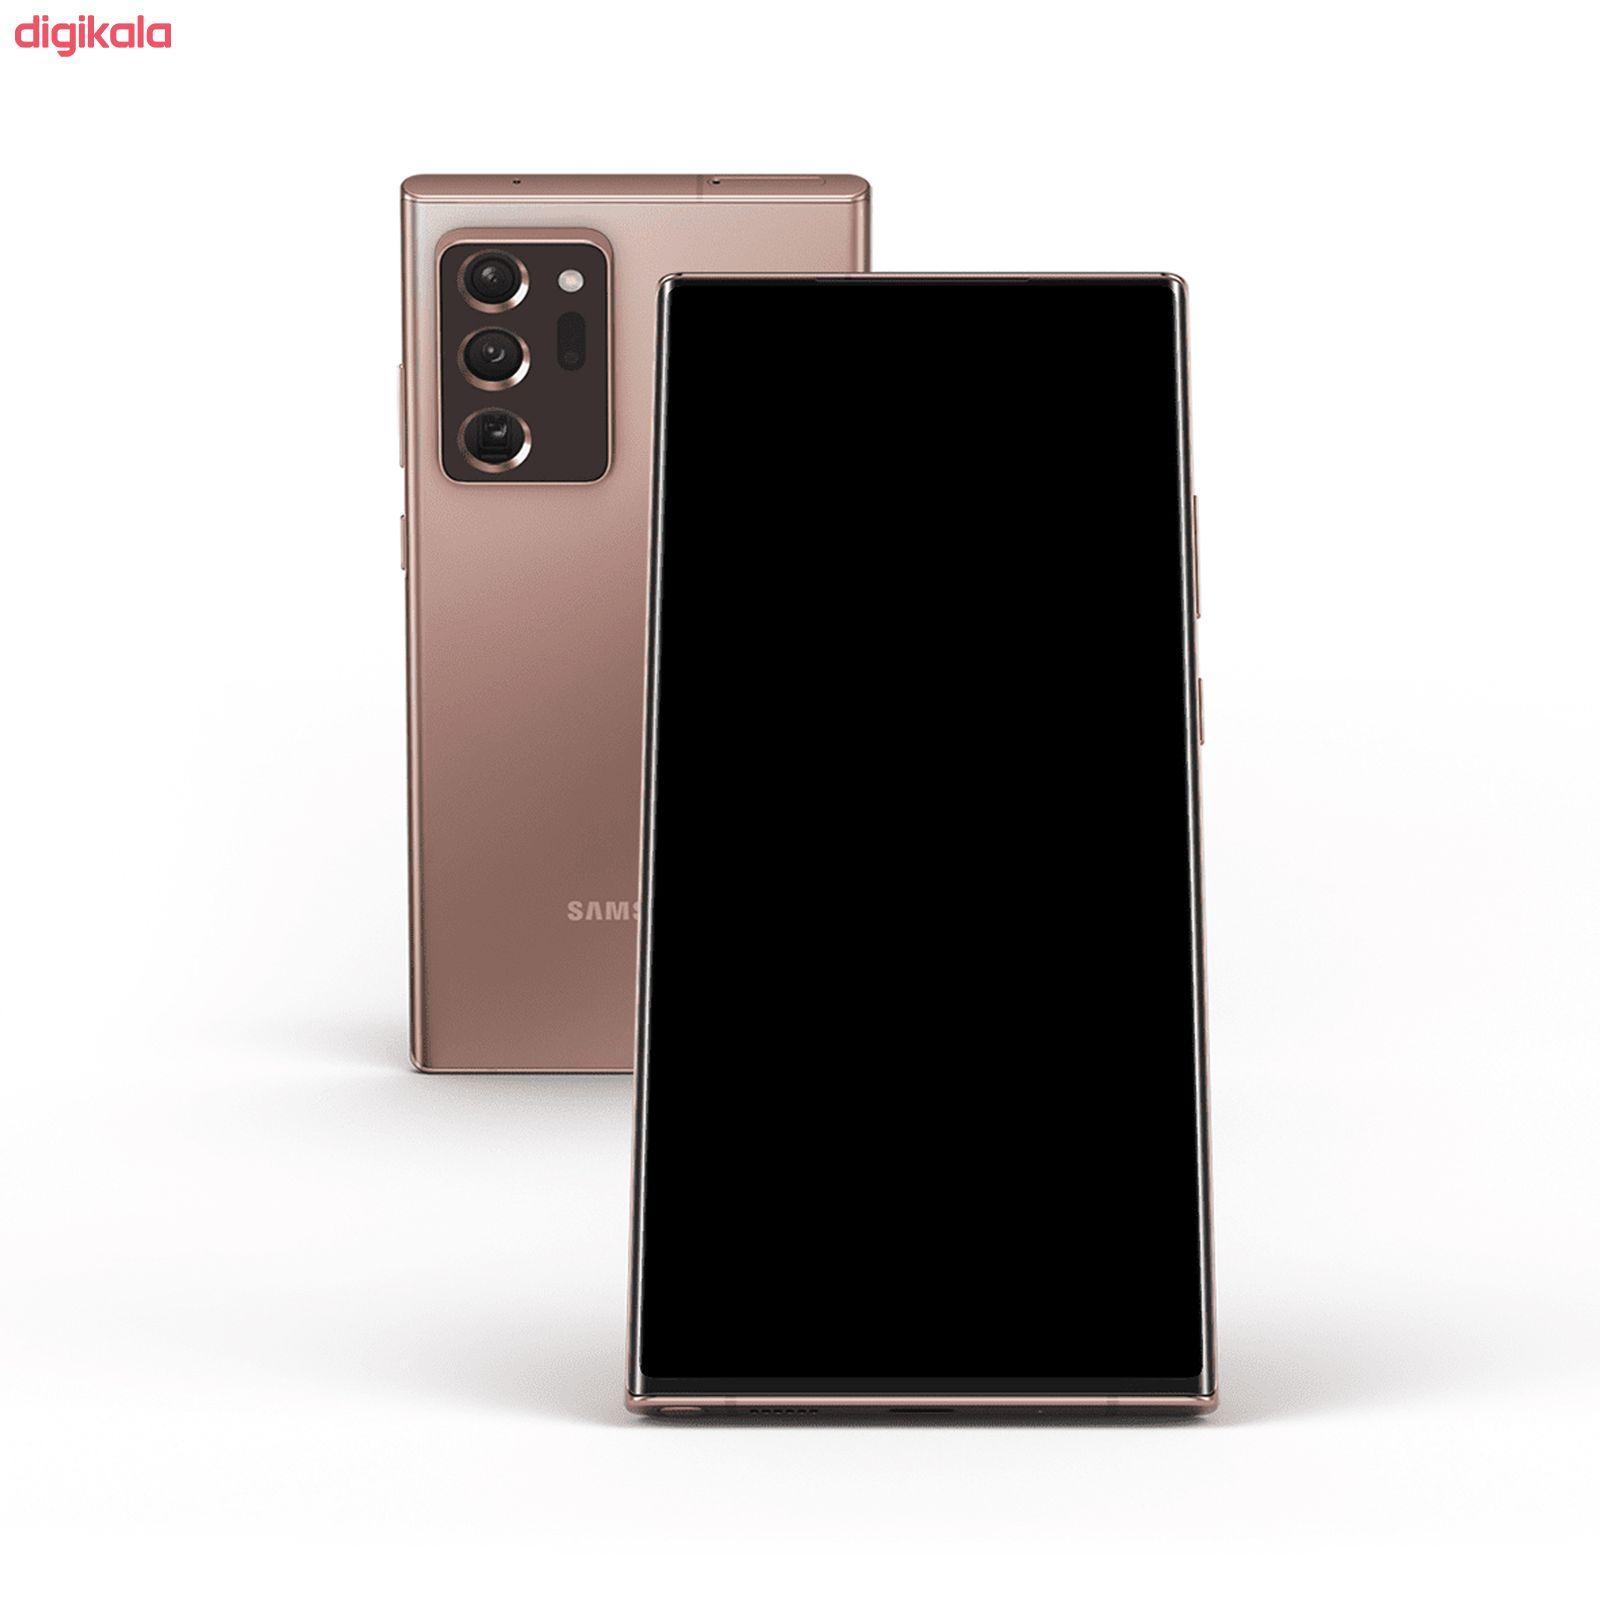 گوشی موبایل سامسونگ مدل Galaxy Note20 Ultra SM-N985F/DS دو سیم کارت ظرفیت 256 گیگابایت  main 1 13